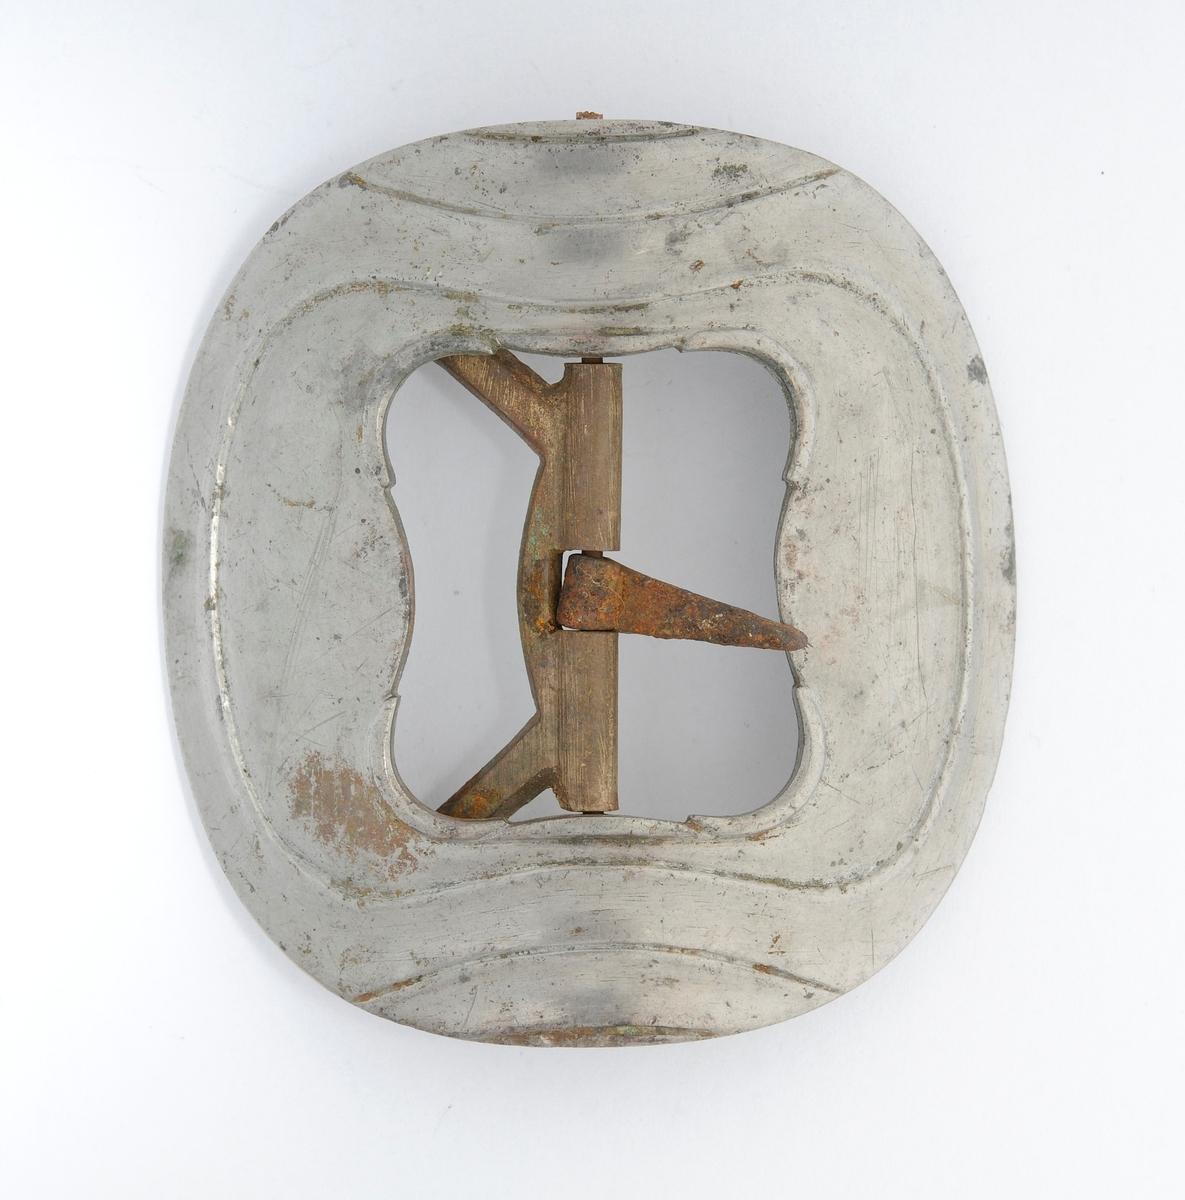 Spenne i støypt messing, firkanta med runde hjørner. Stolpe, tann og kalv i smidd jern.